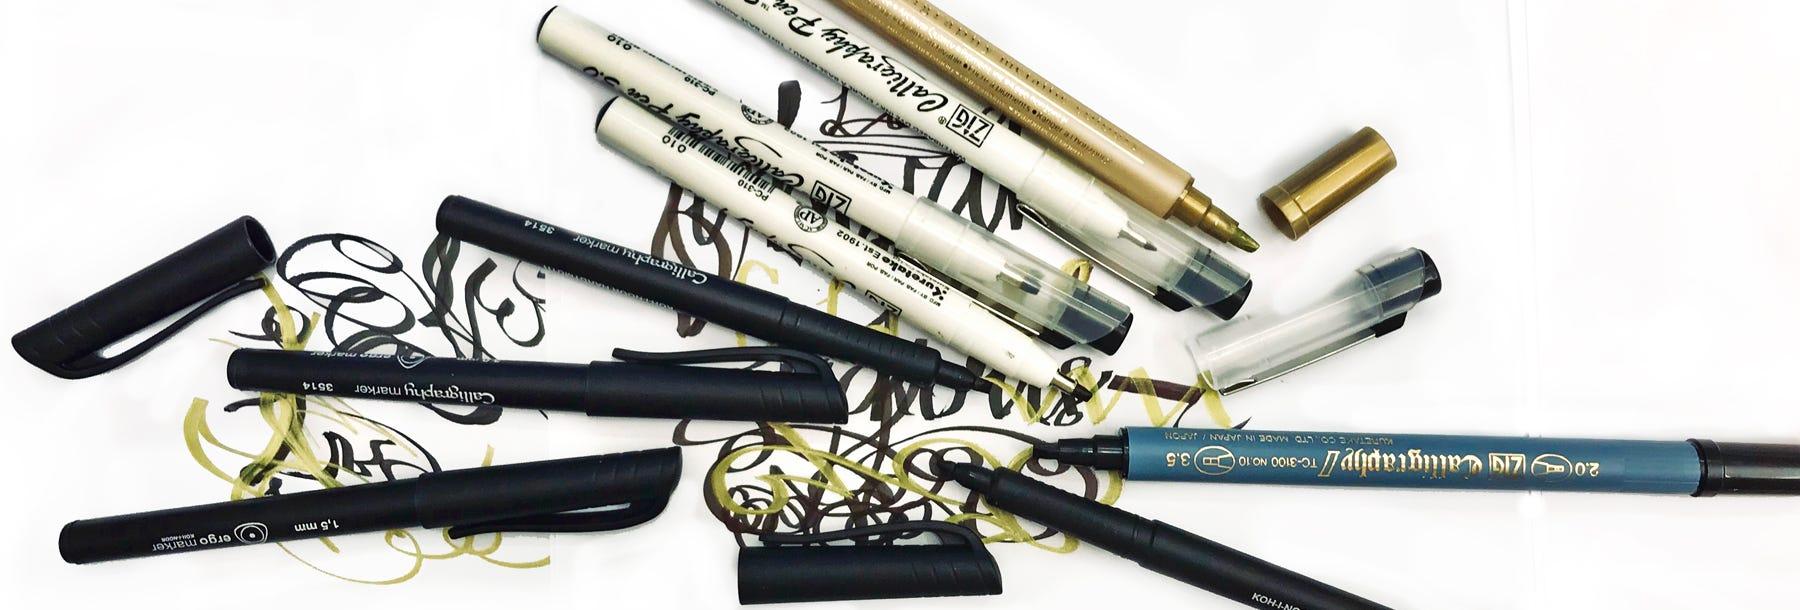 Kalligrafipennor